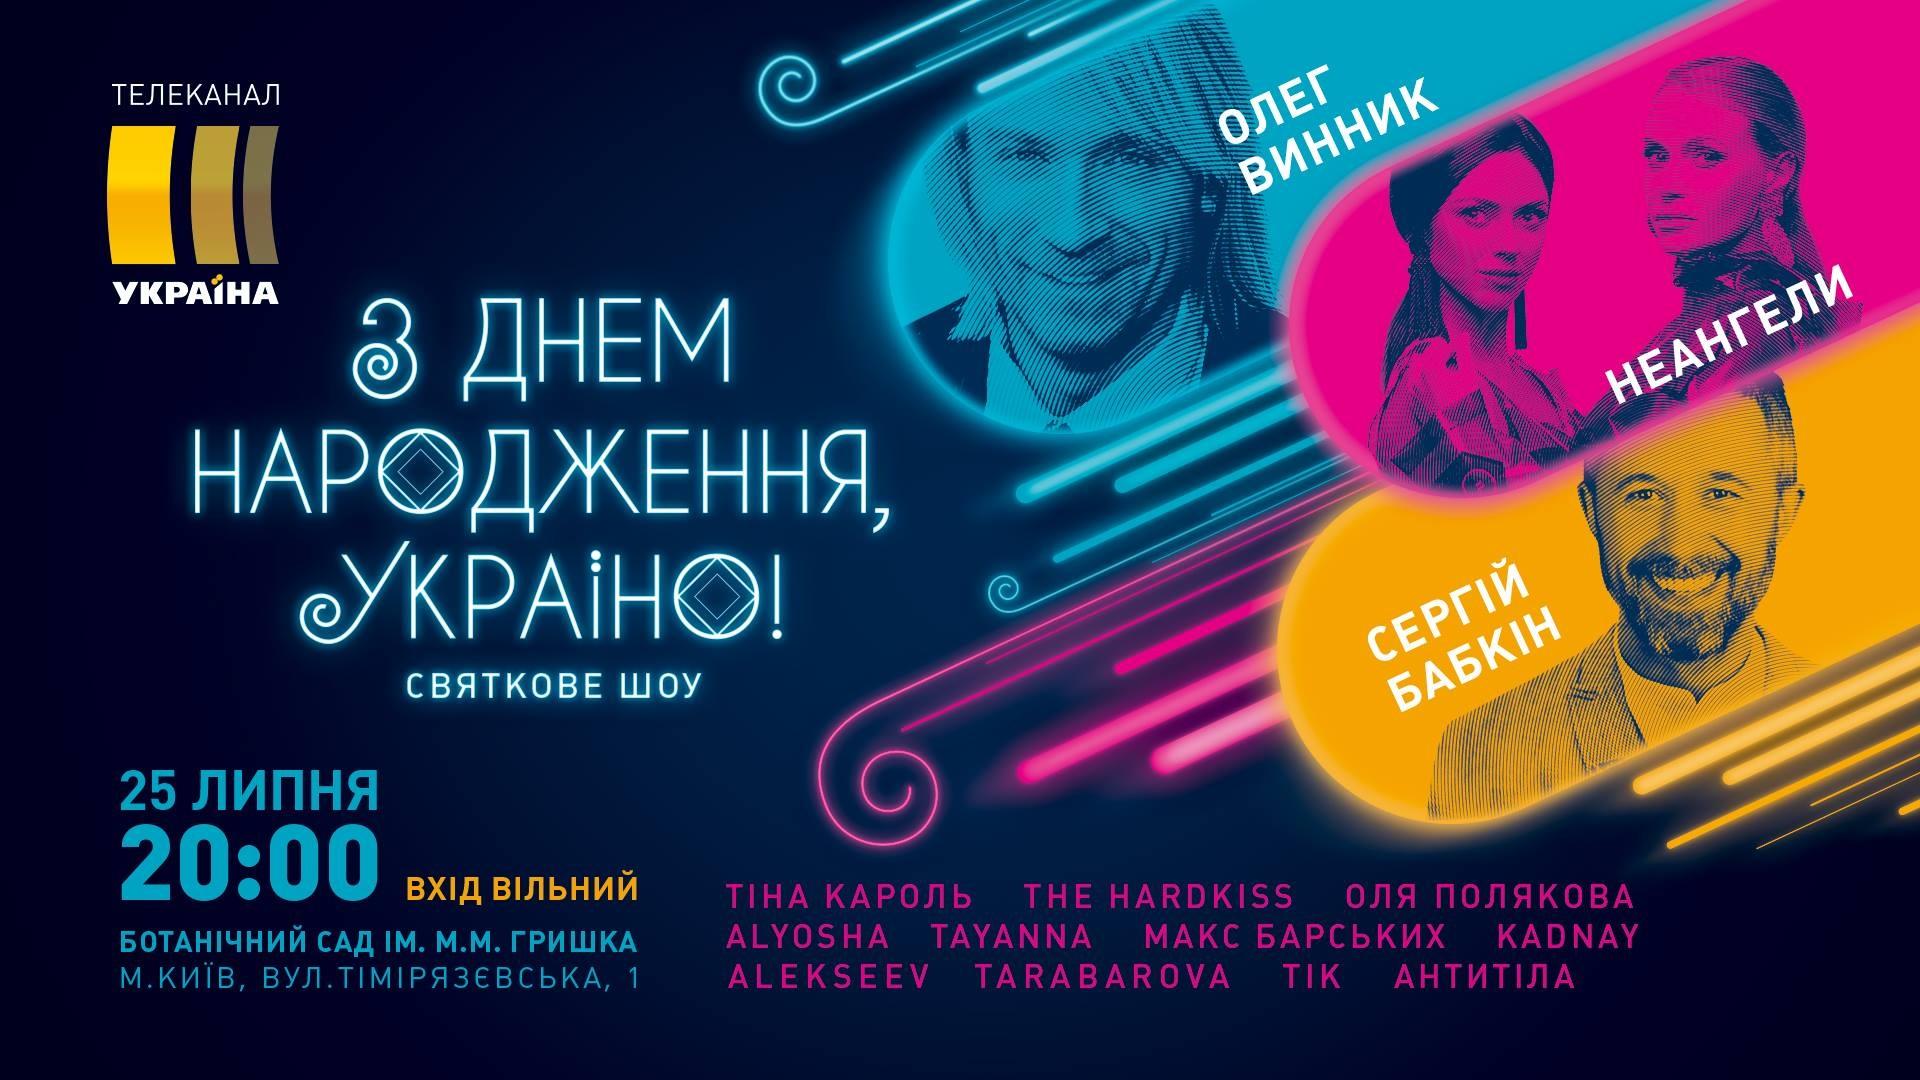 z_dnem_narodzhennia_ukraino_kanal_ukraina-2